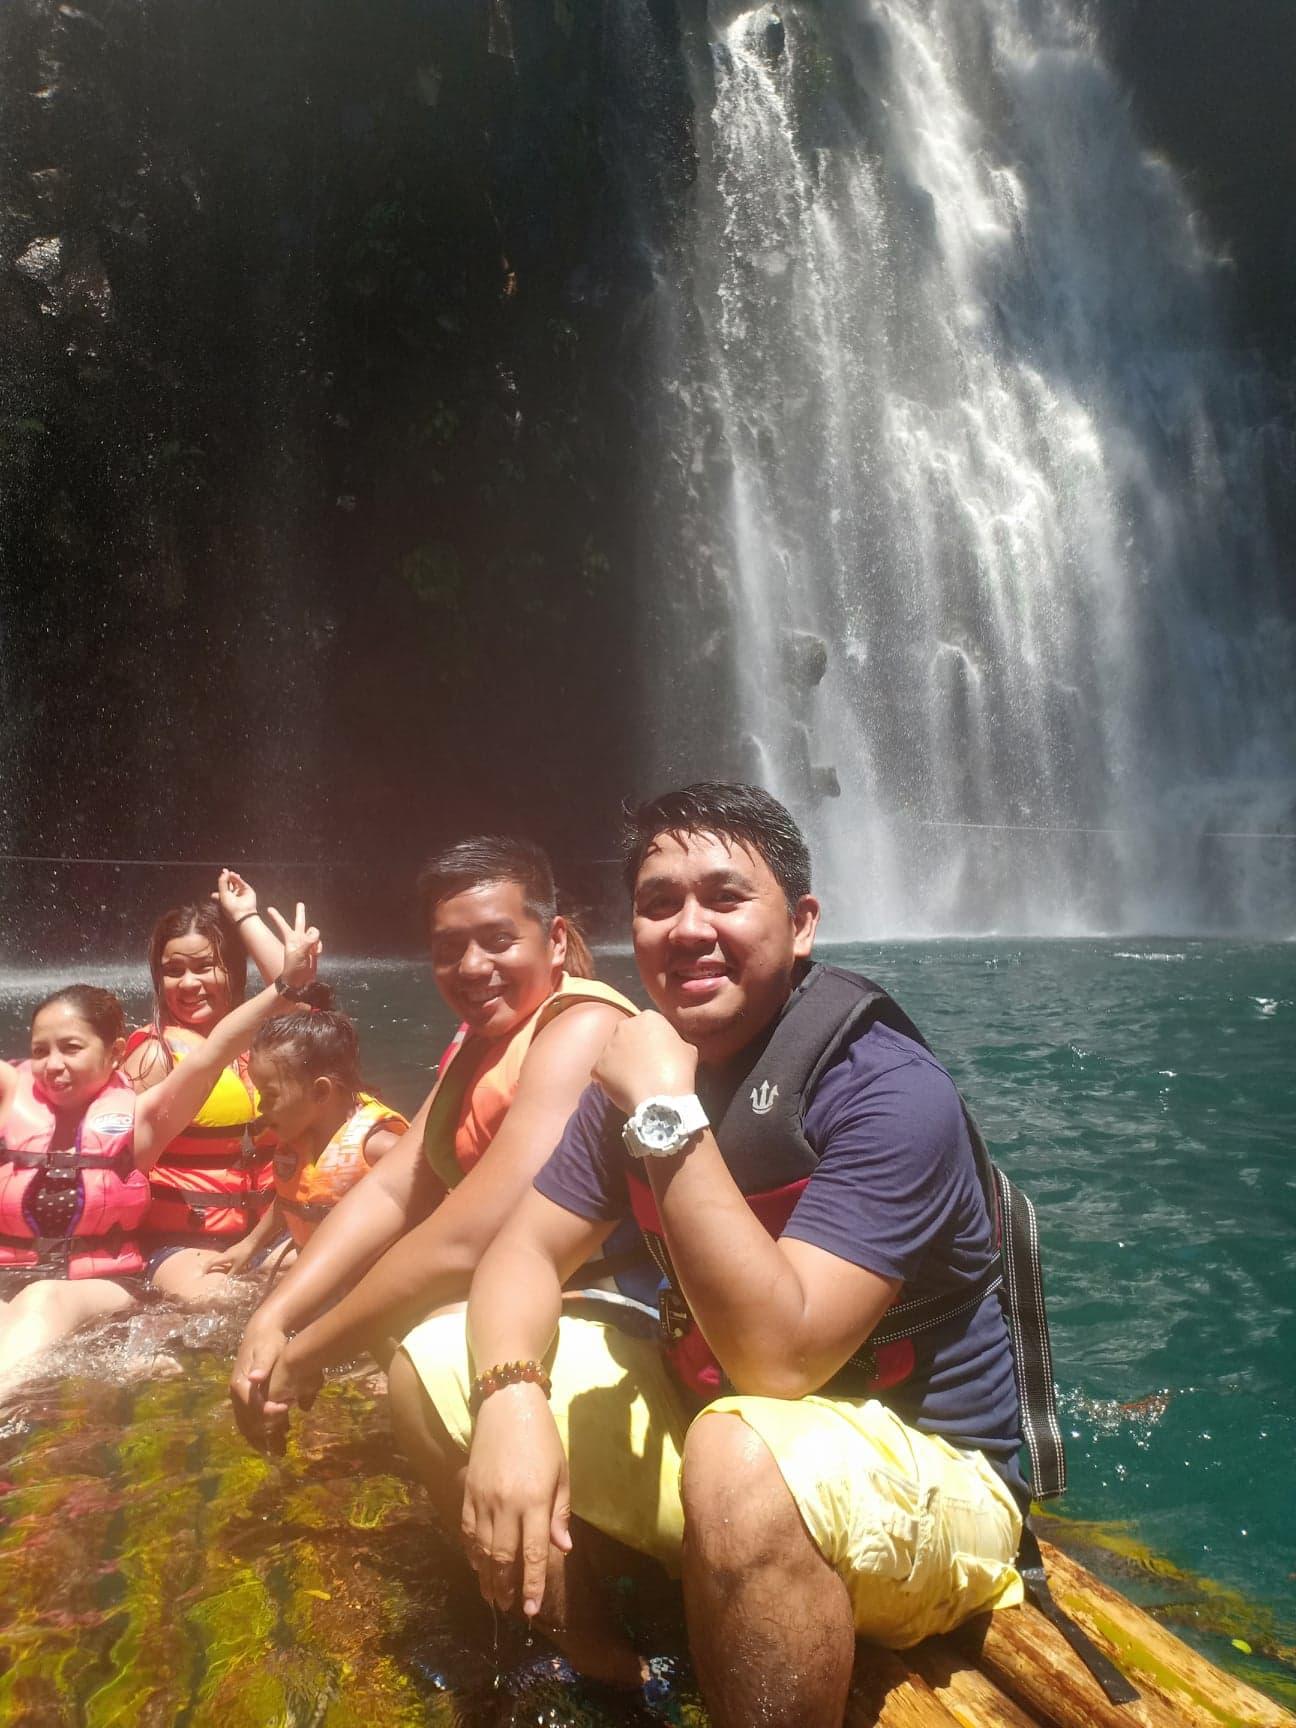 tinago-falls-rafting (1)